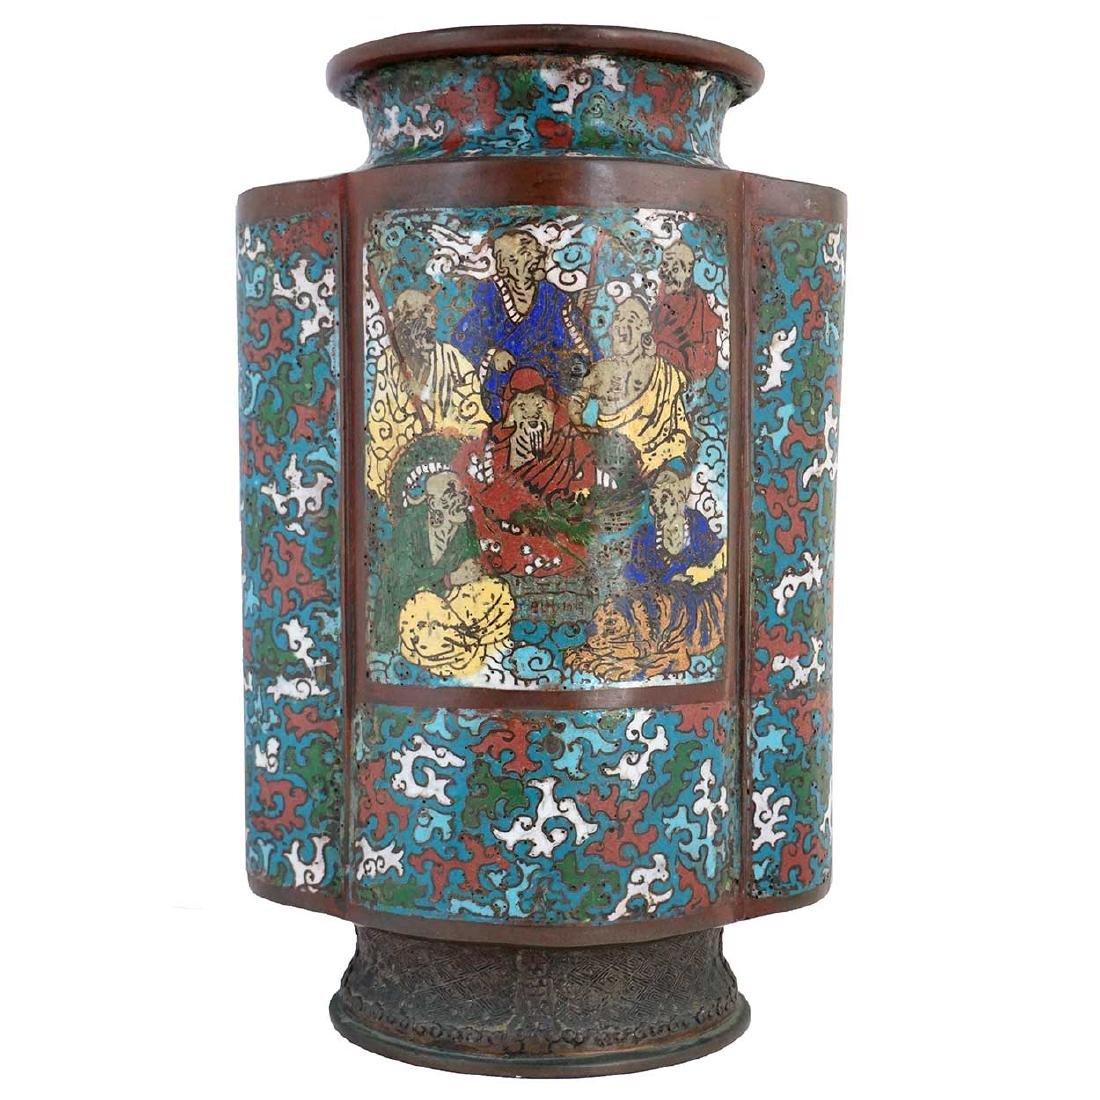 Chinese Champleve Enamel Vase Table Lamp Base